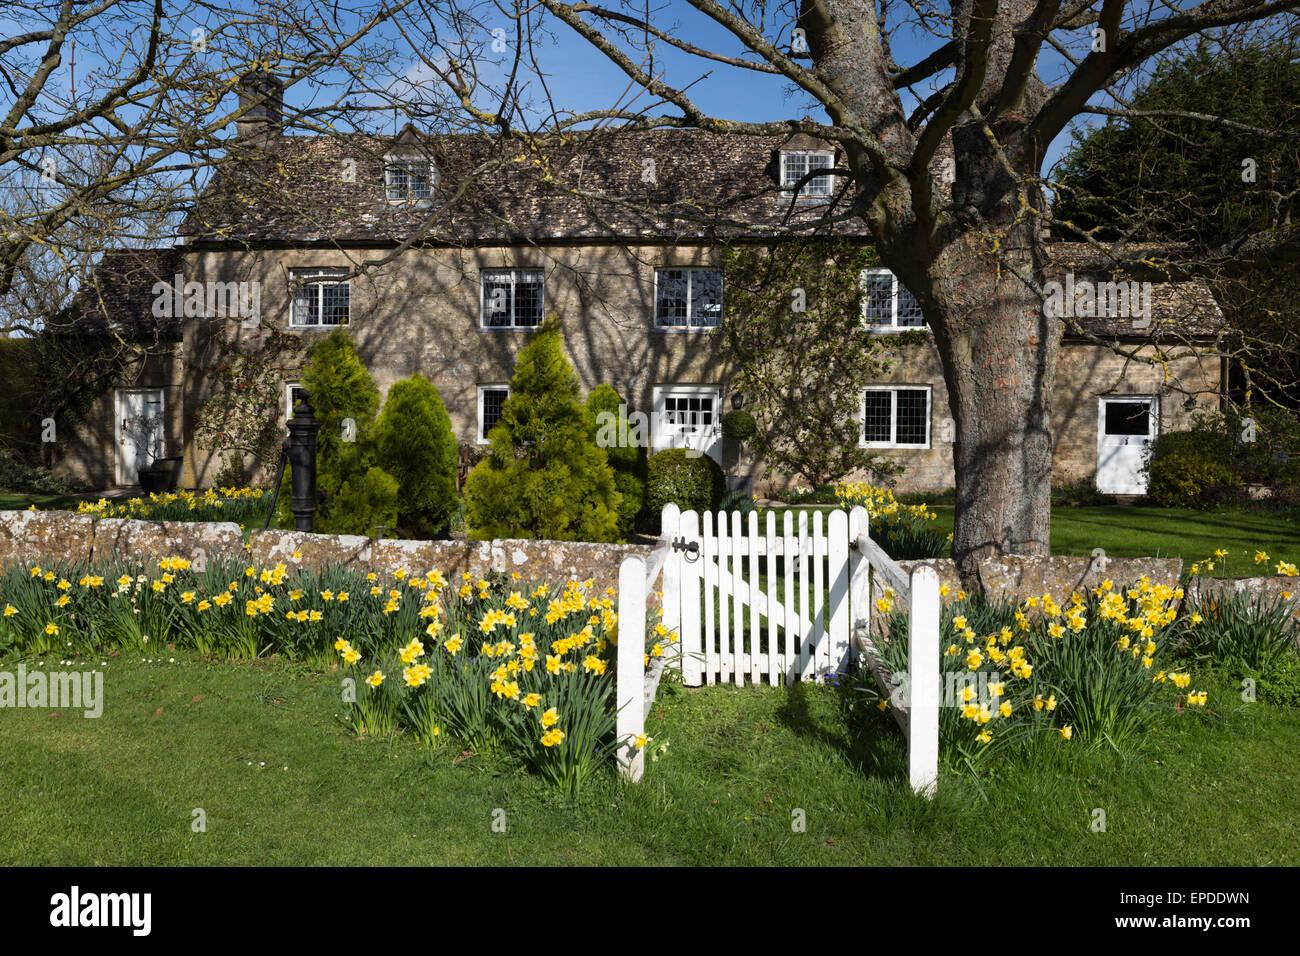 Daffodil fronted cotswold stone cottage, Bledington, Cotswolds, Gloucestershire, England, United Kingdom, Europe - Stock Image